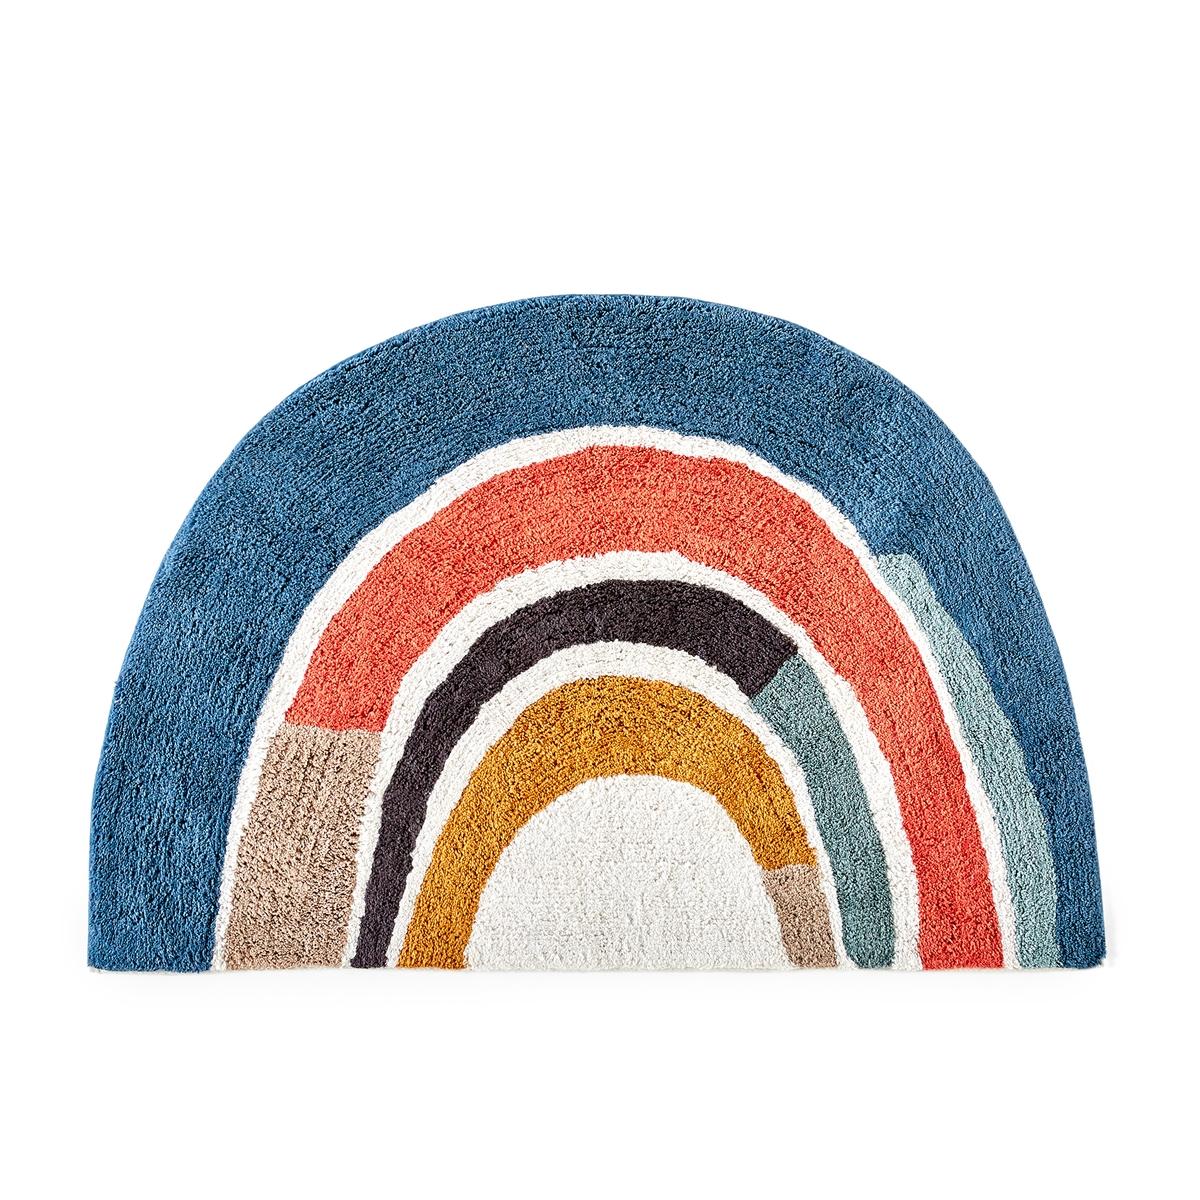 Коврик La Redoute Детский из хлопка Niji единый размер разноцветный все цены